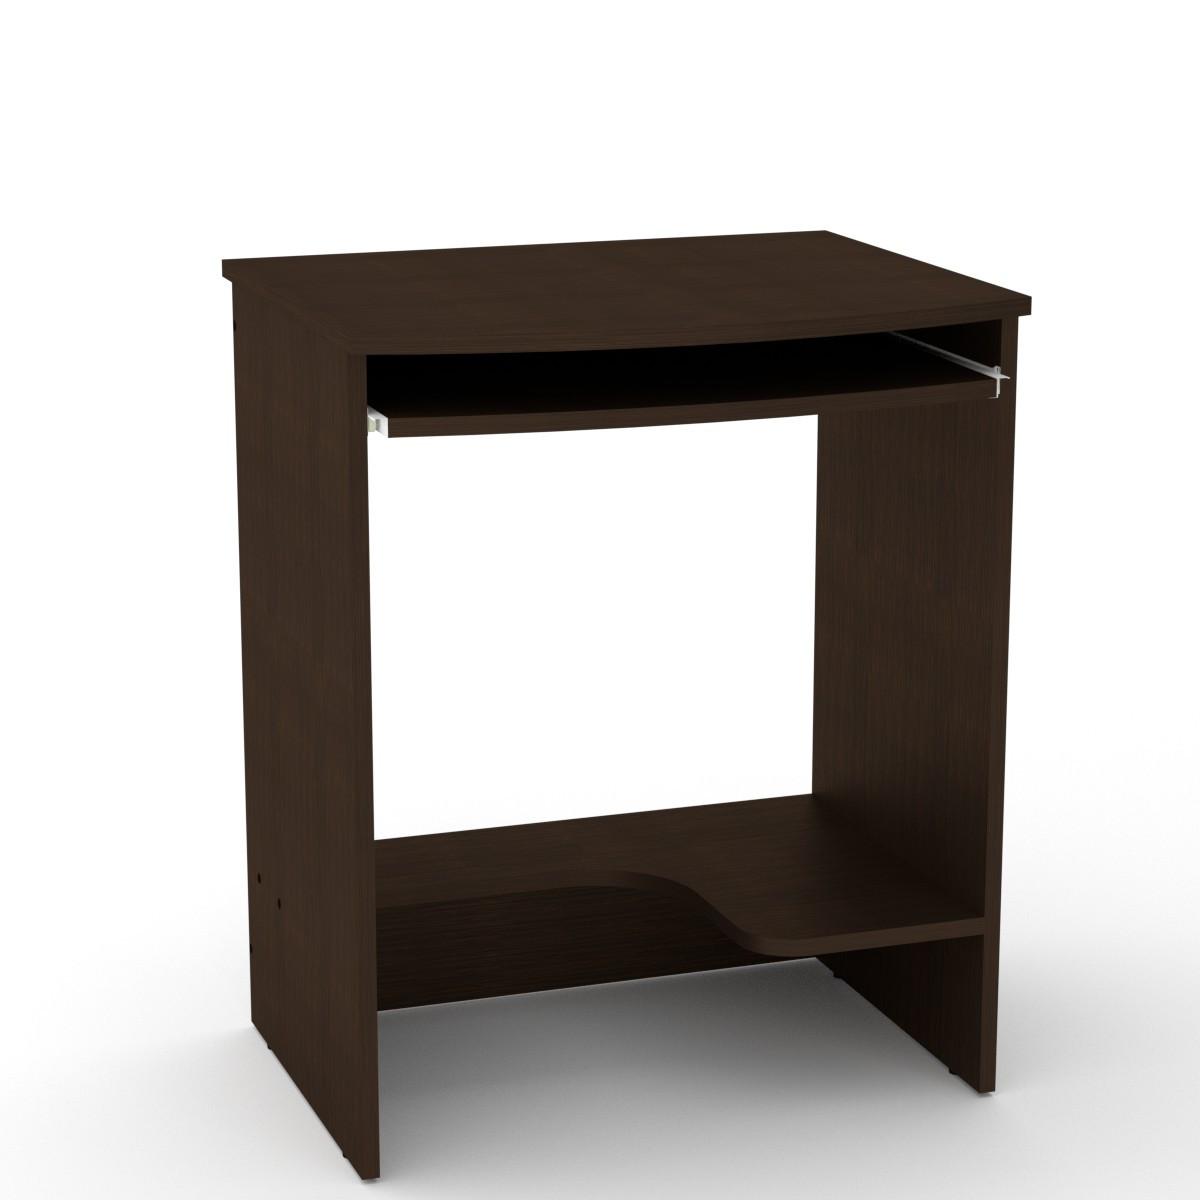 Стол компьютерный СКМ-13 венге темный Компанит (61х50х74 см)